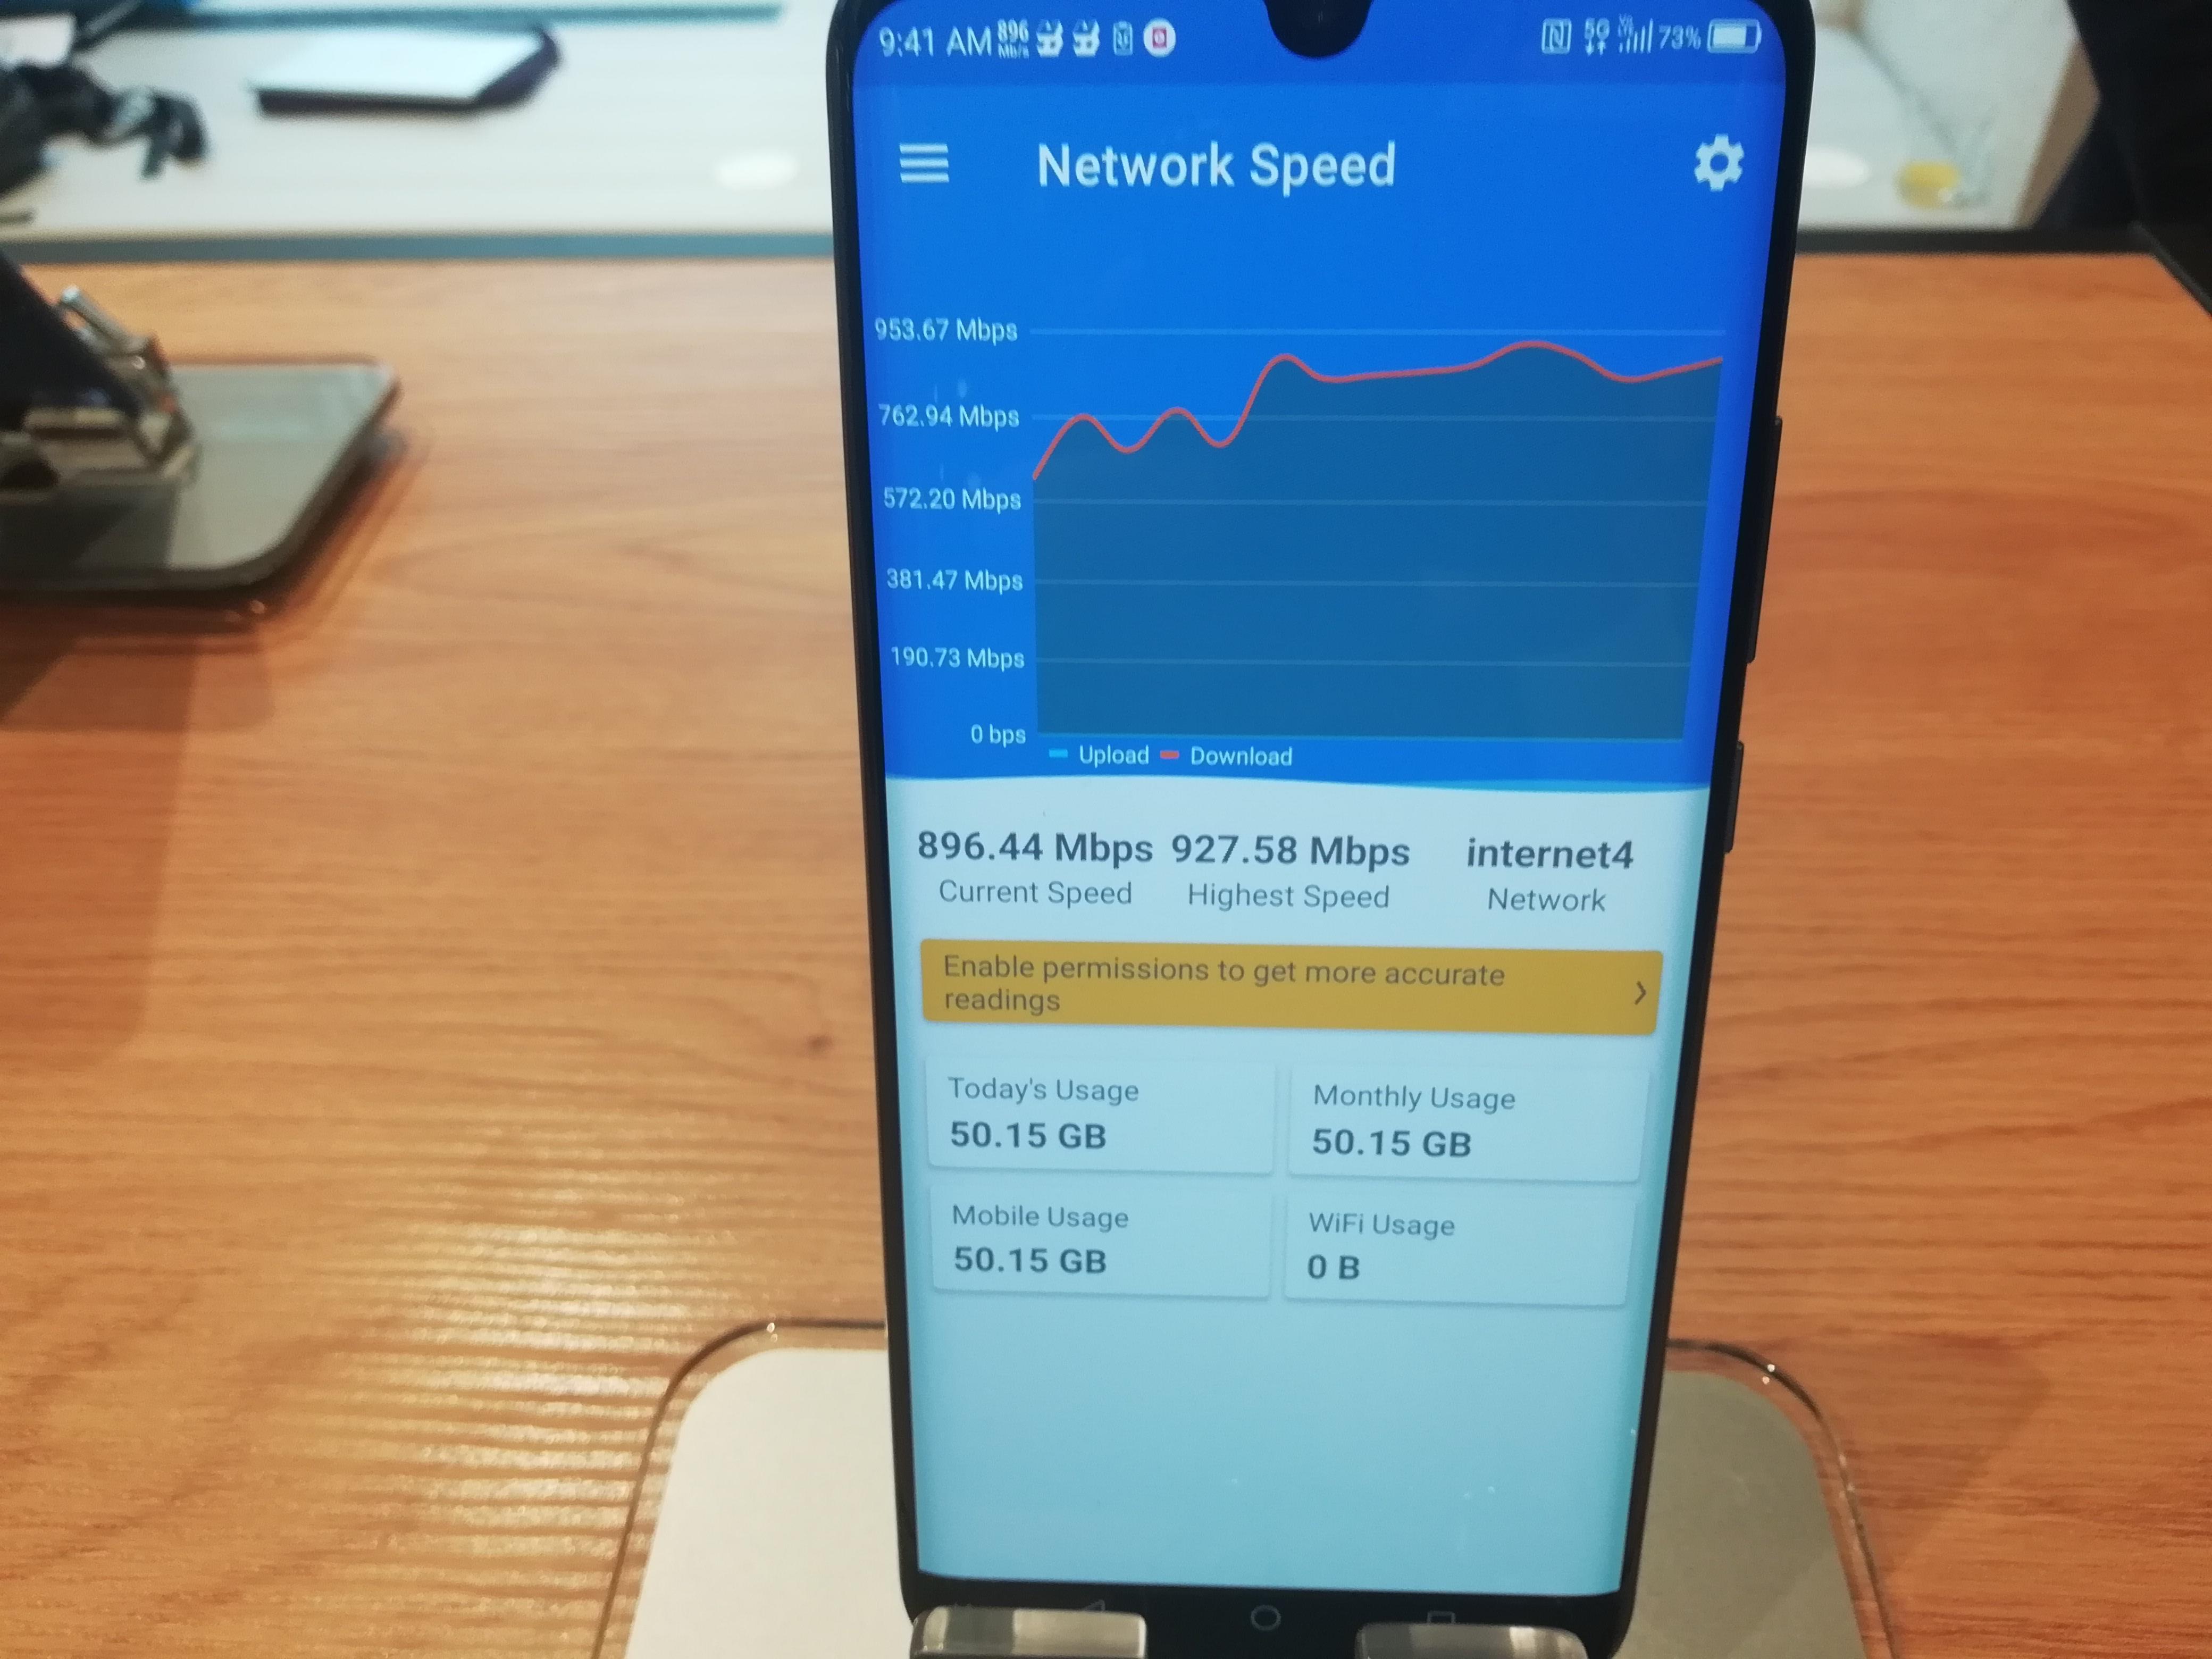 274d53f6b03 Hiljem OnePlus 7 Pro 5G telefoniga testides näitas kiirusetest 300-400  Mbit/s ringis, kuid siis oli võrgus ka rohkem seda koormavaid kasutajaid.